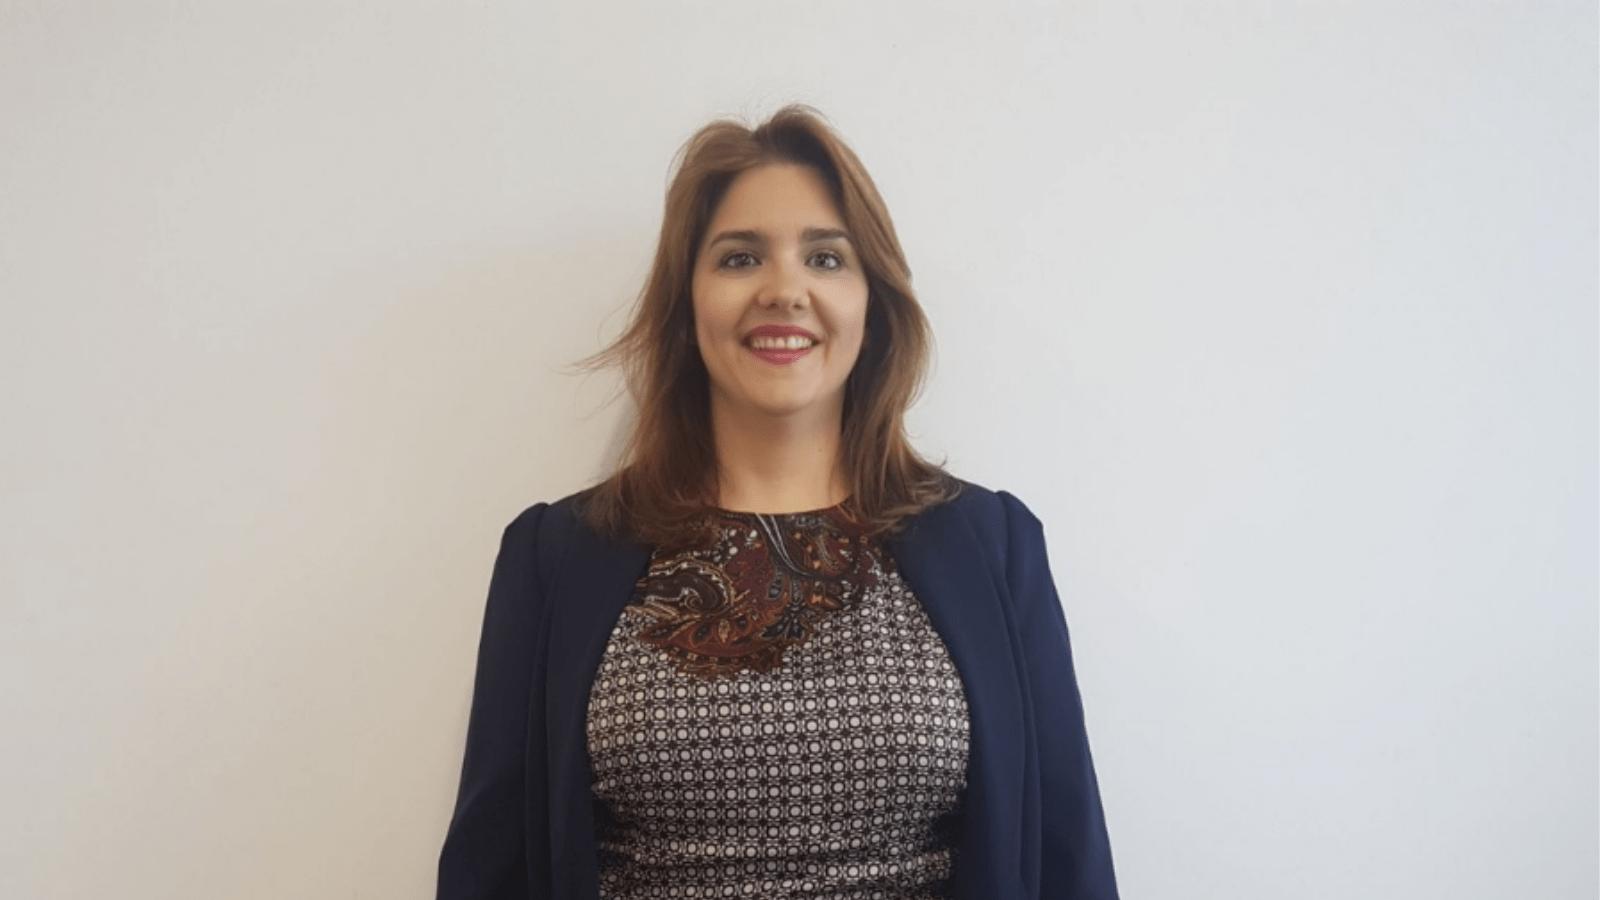 Entrevista con María del Mar Cámara Martínez, directora de Recursos Humanos y RSC de STV Gestión